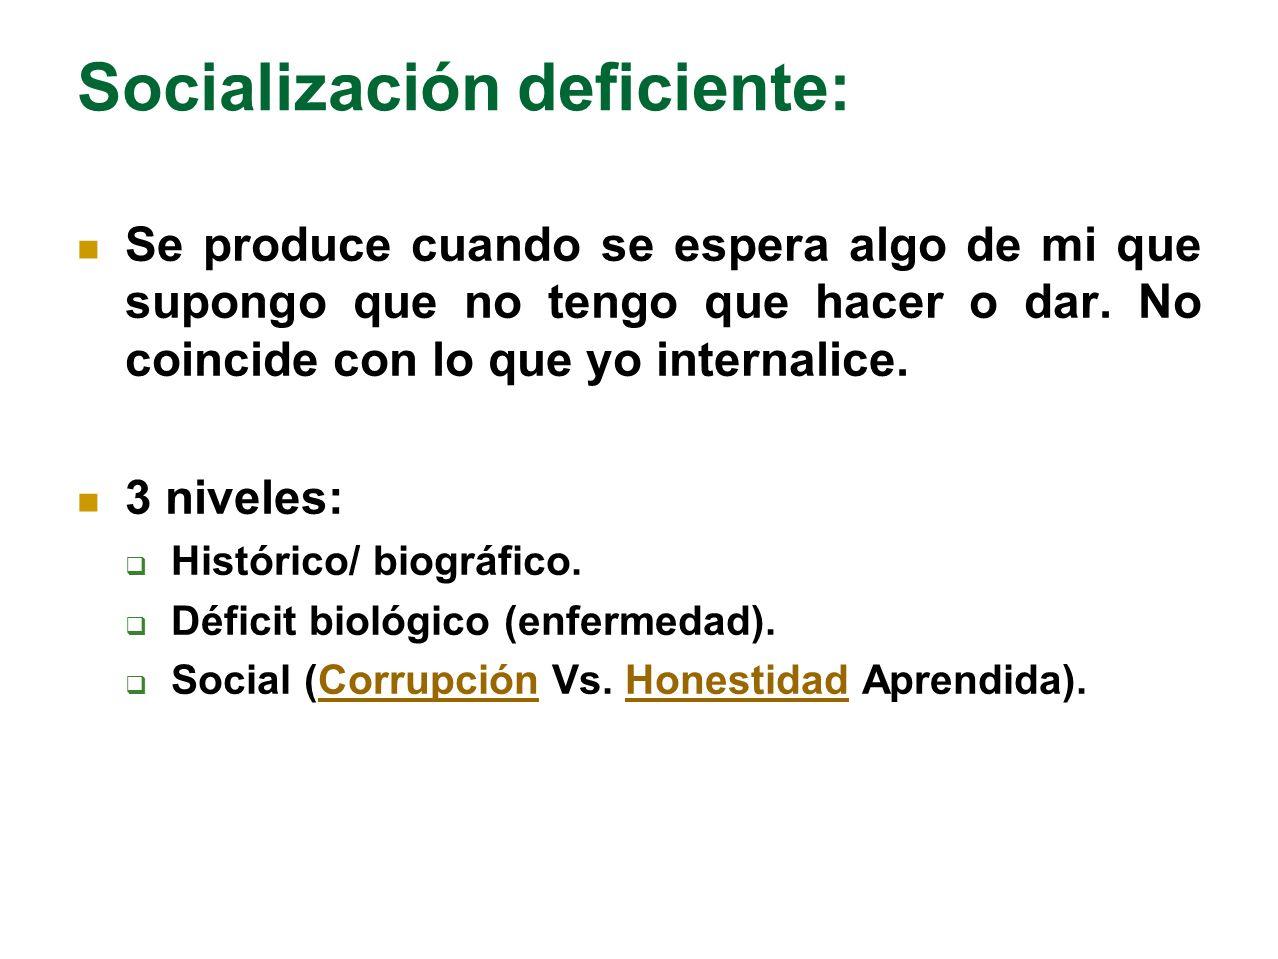 Socialización deficiente: